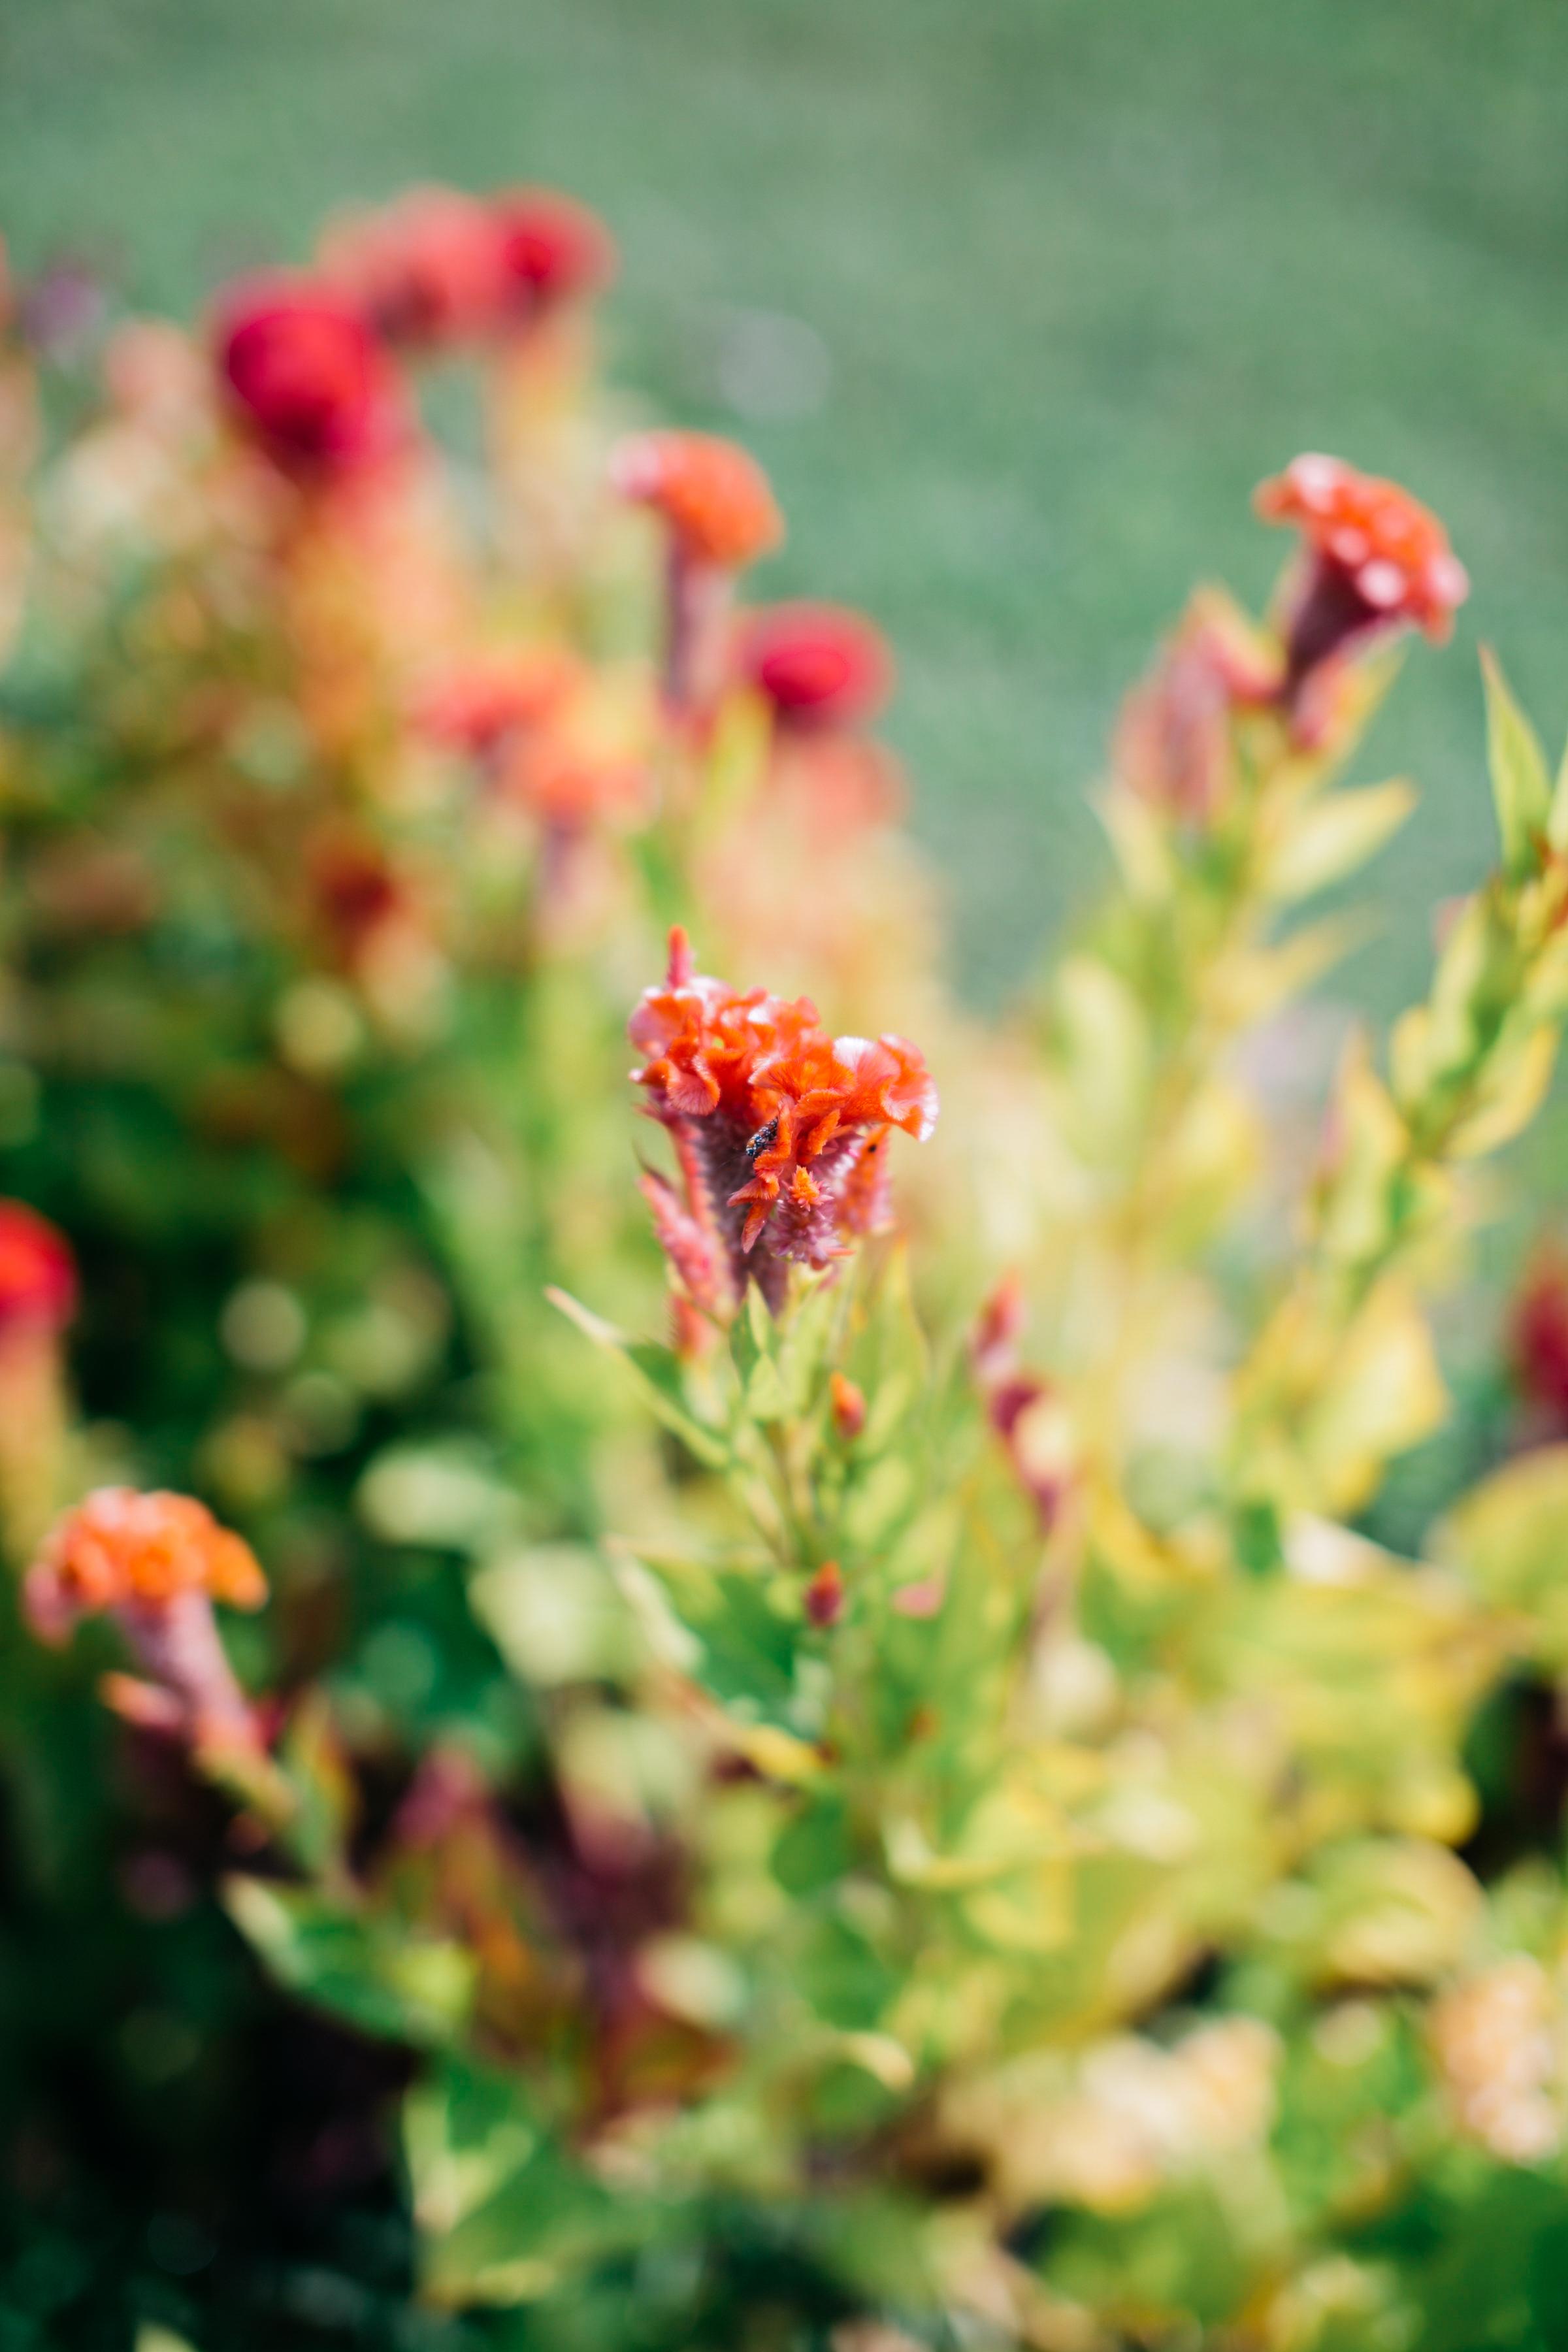 field of flowers near me